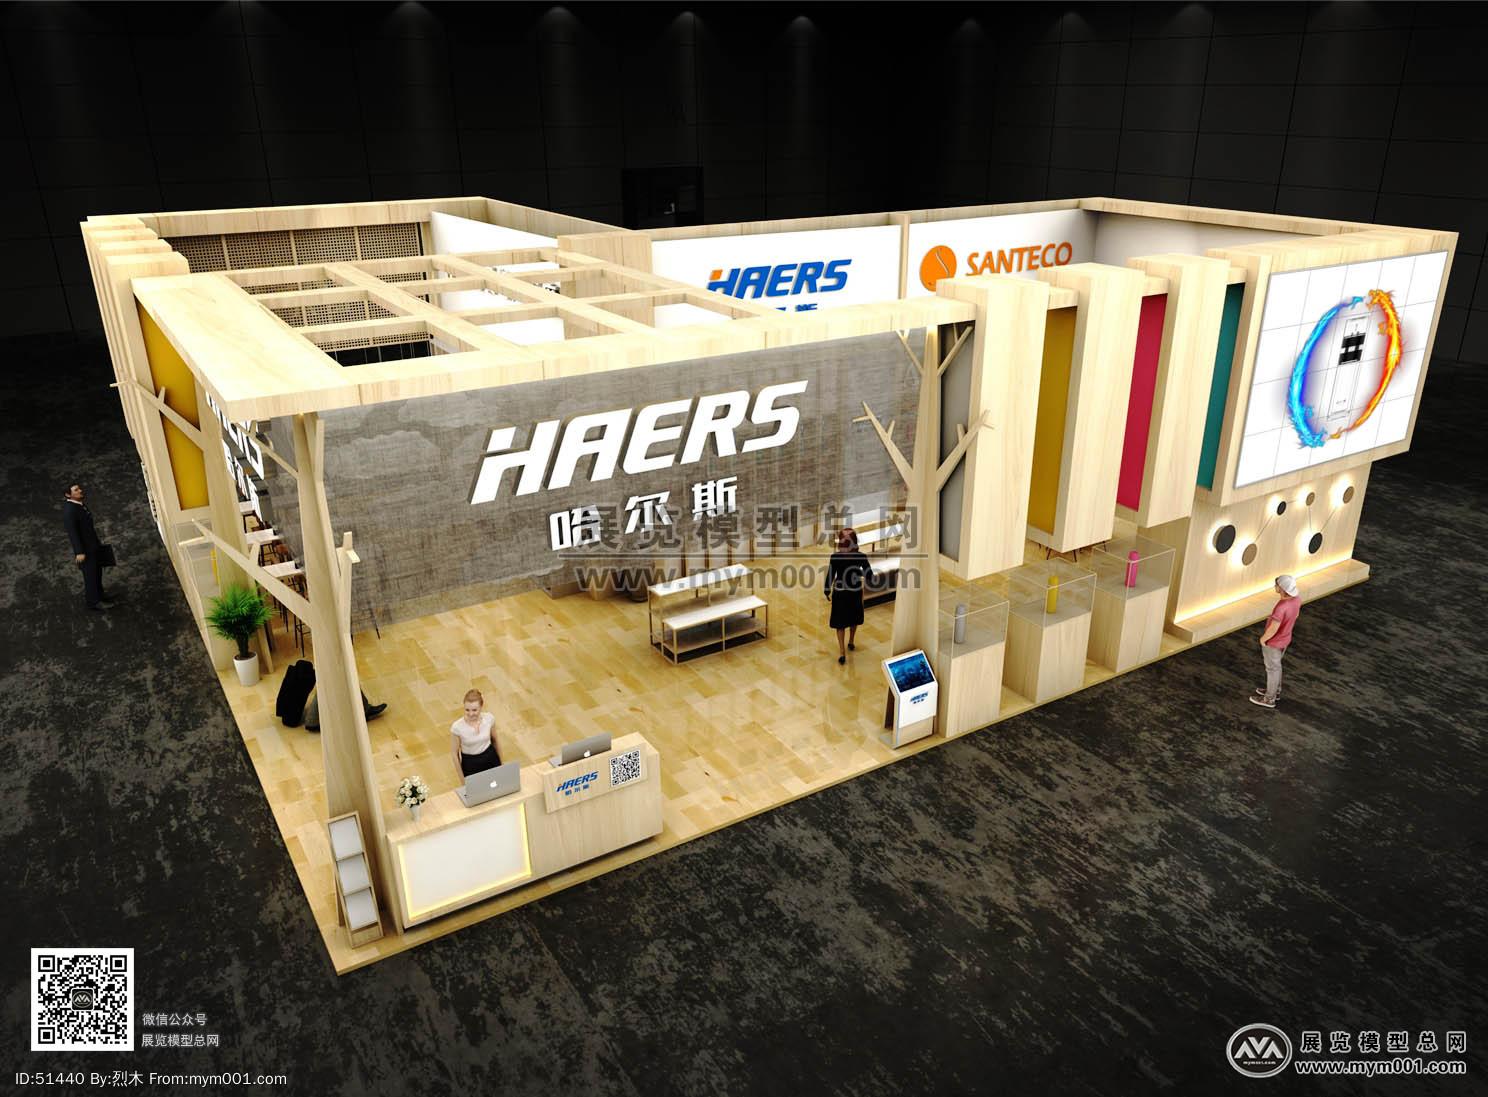 哈尔斯展览模型